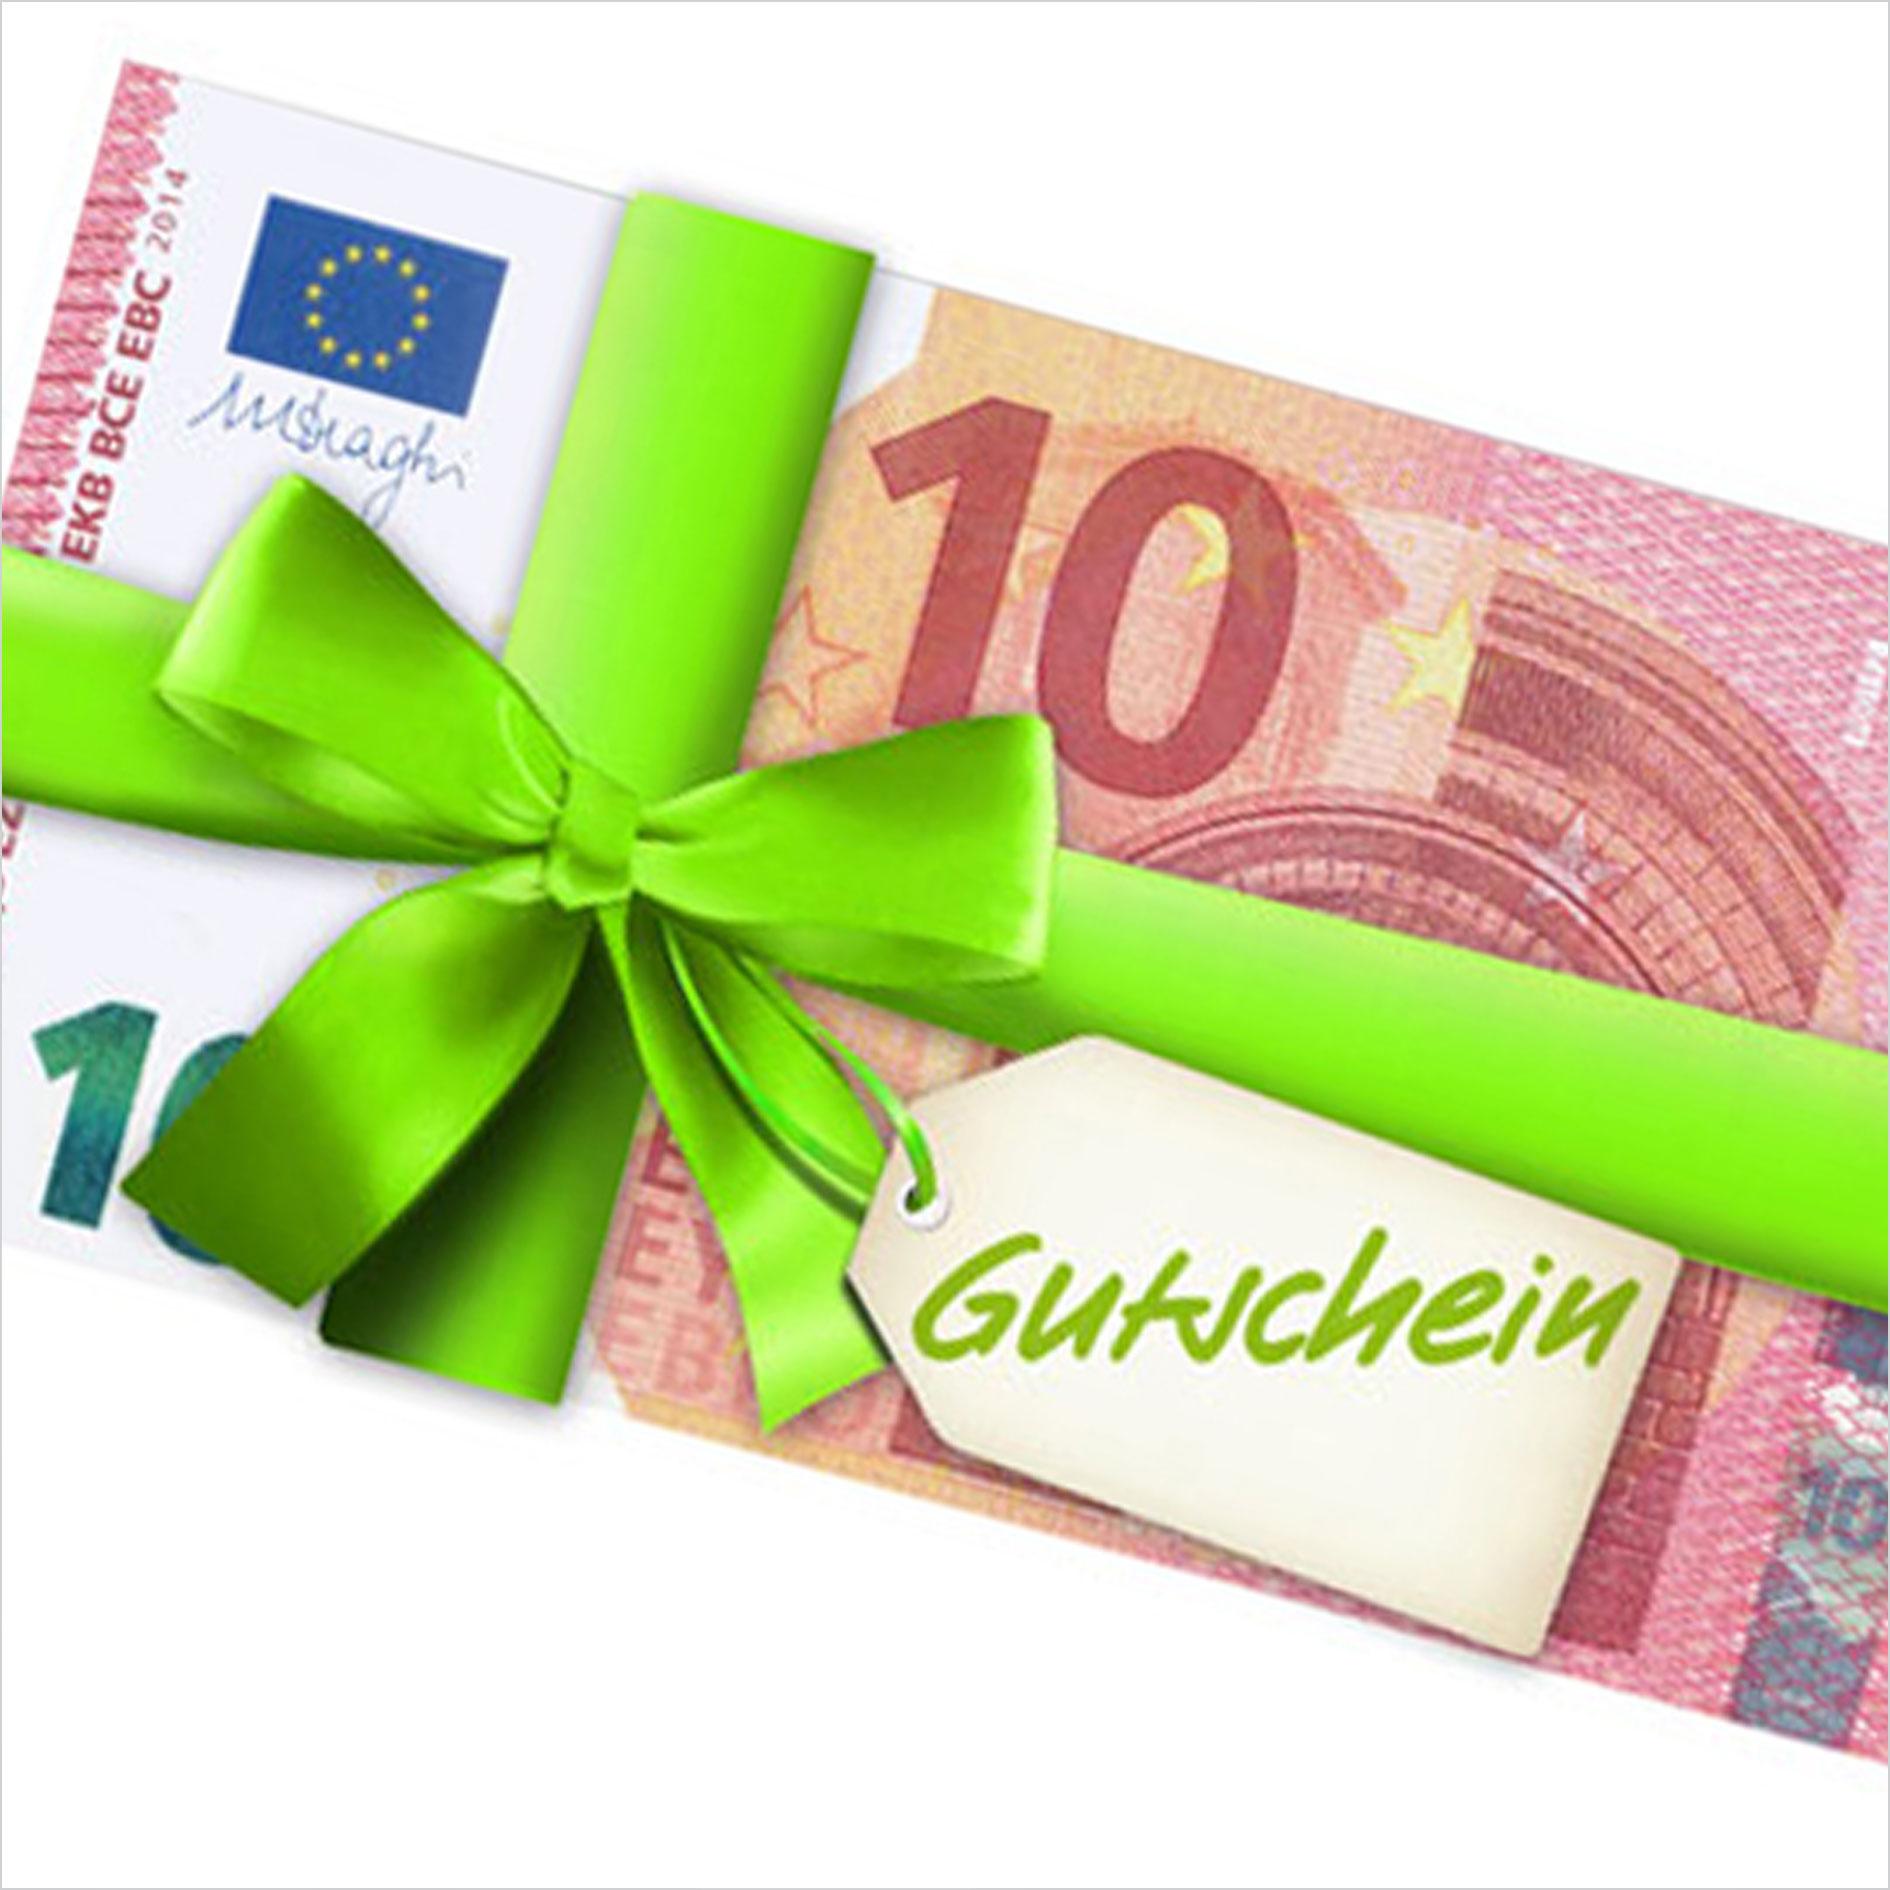 10 Euro Schein mit grünem Geschenkband umwickelt